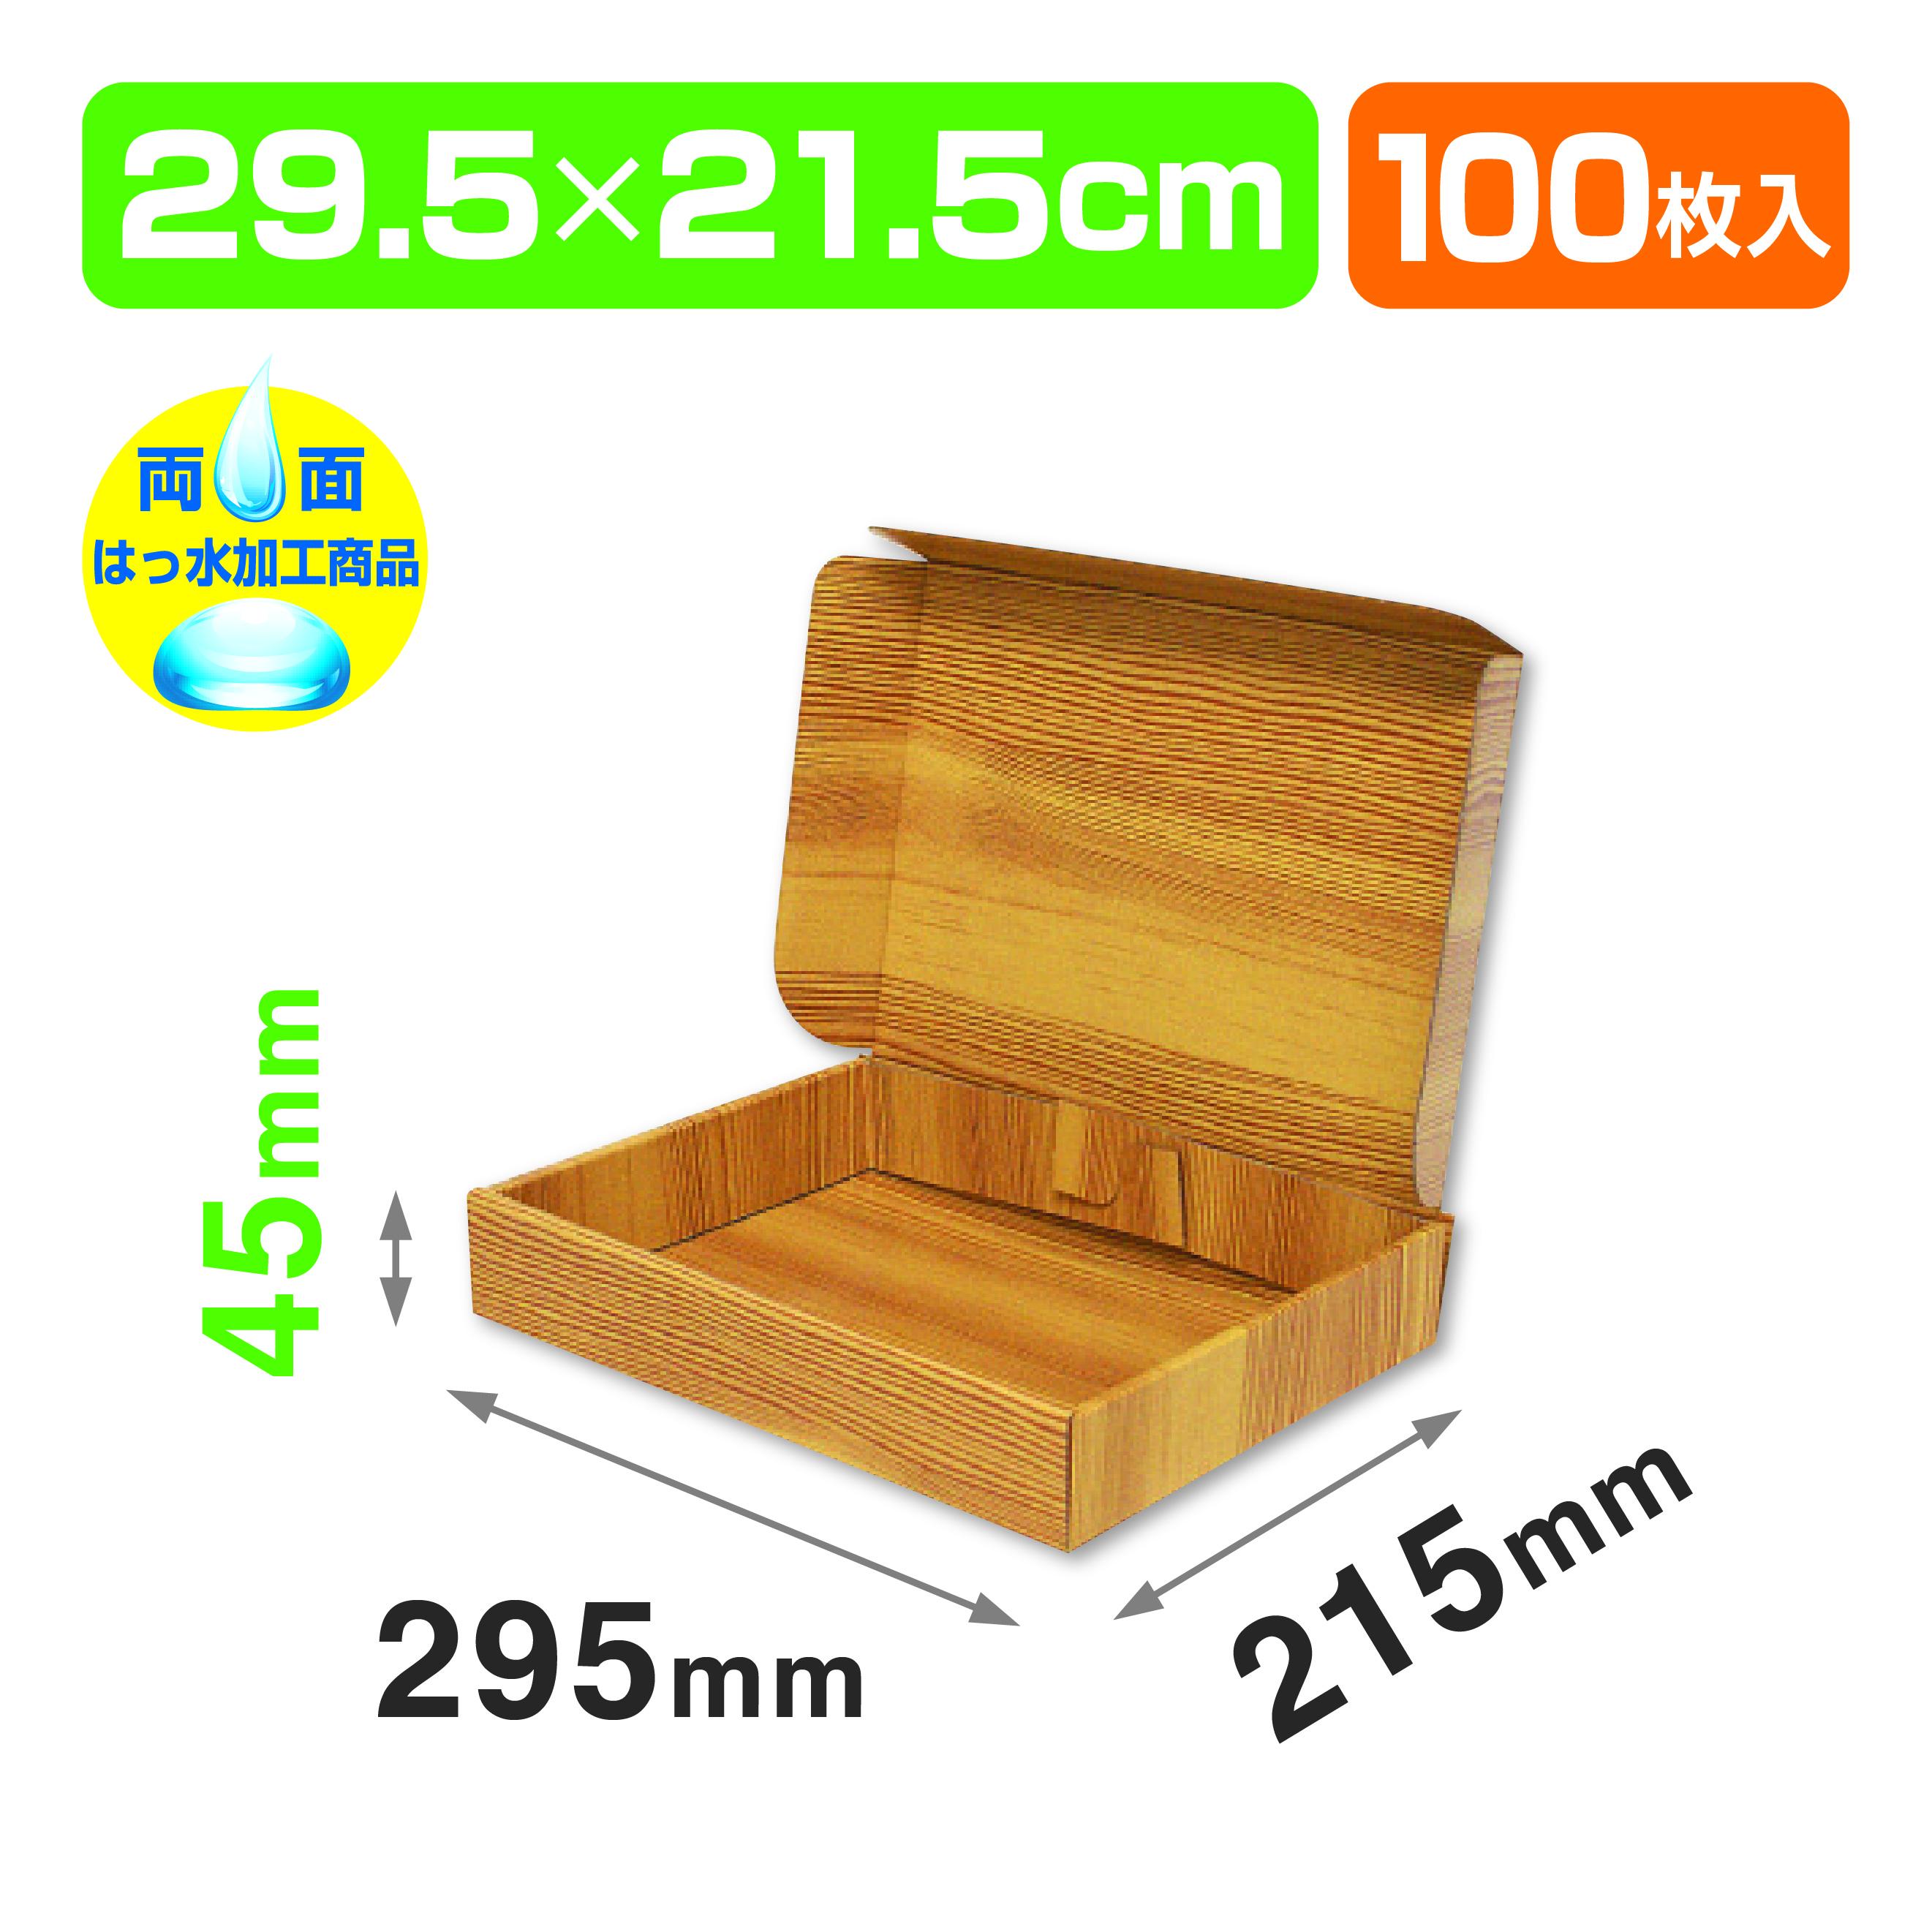 肉の宅配箱2(精肉)